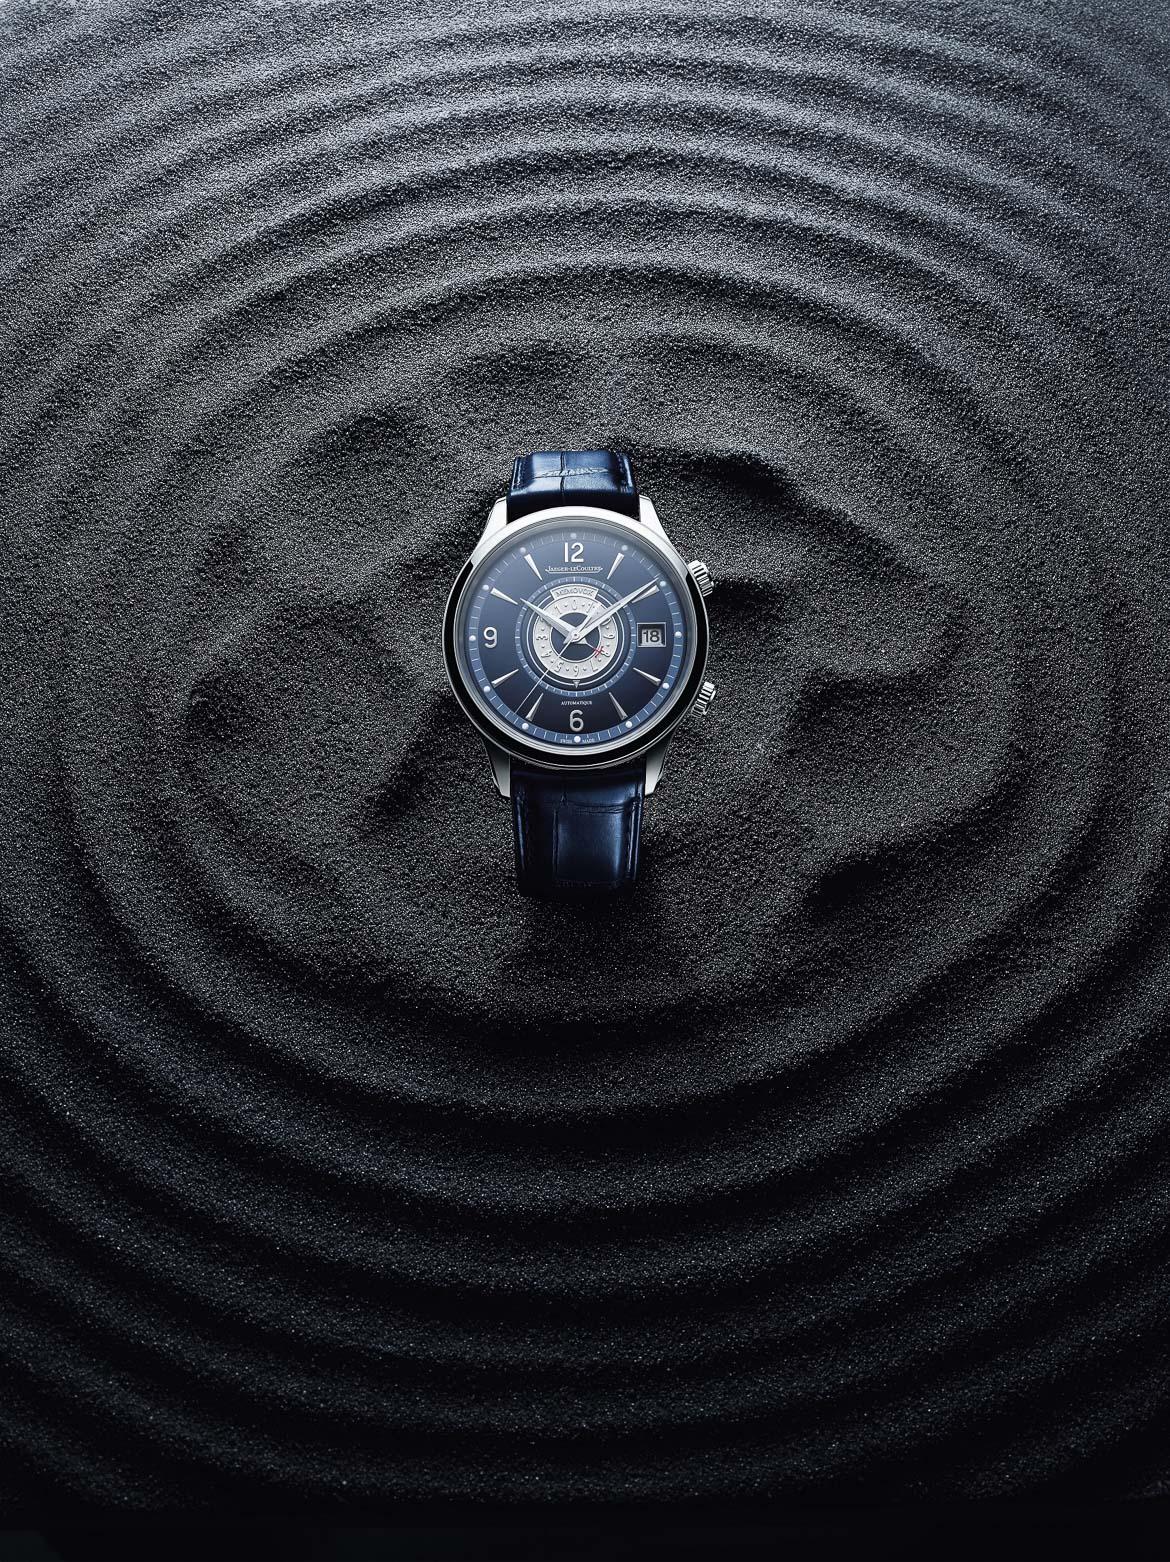 Jaeger-leCoultre Memovox Timer